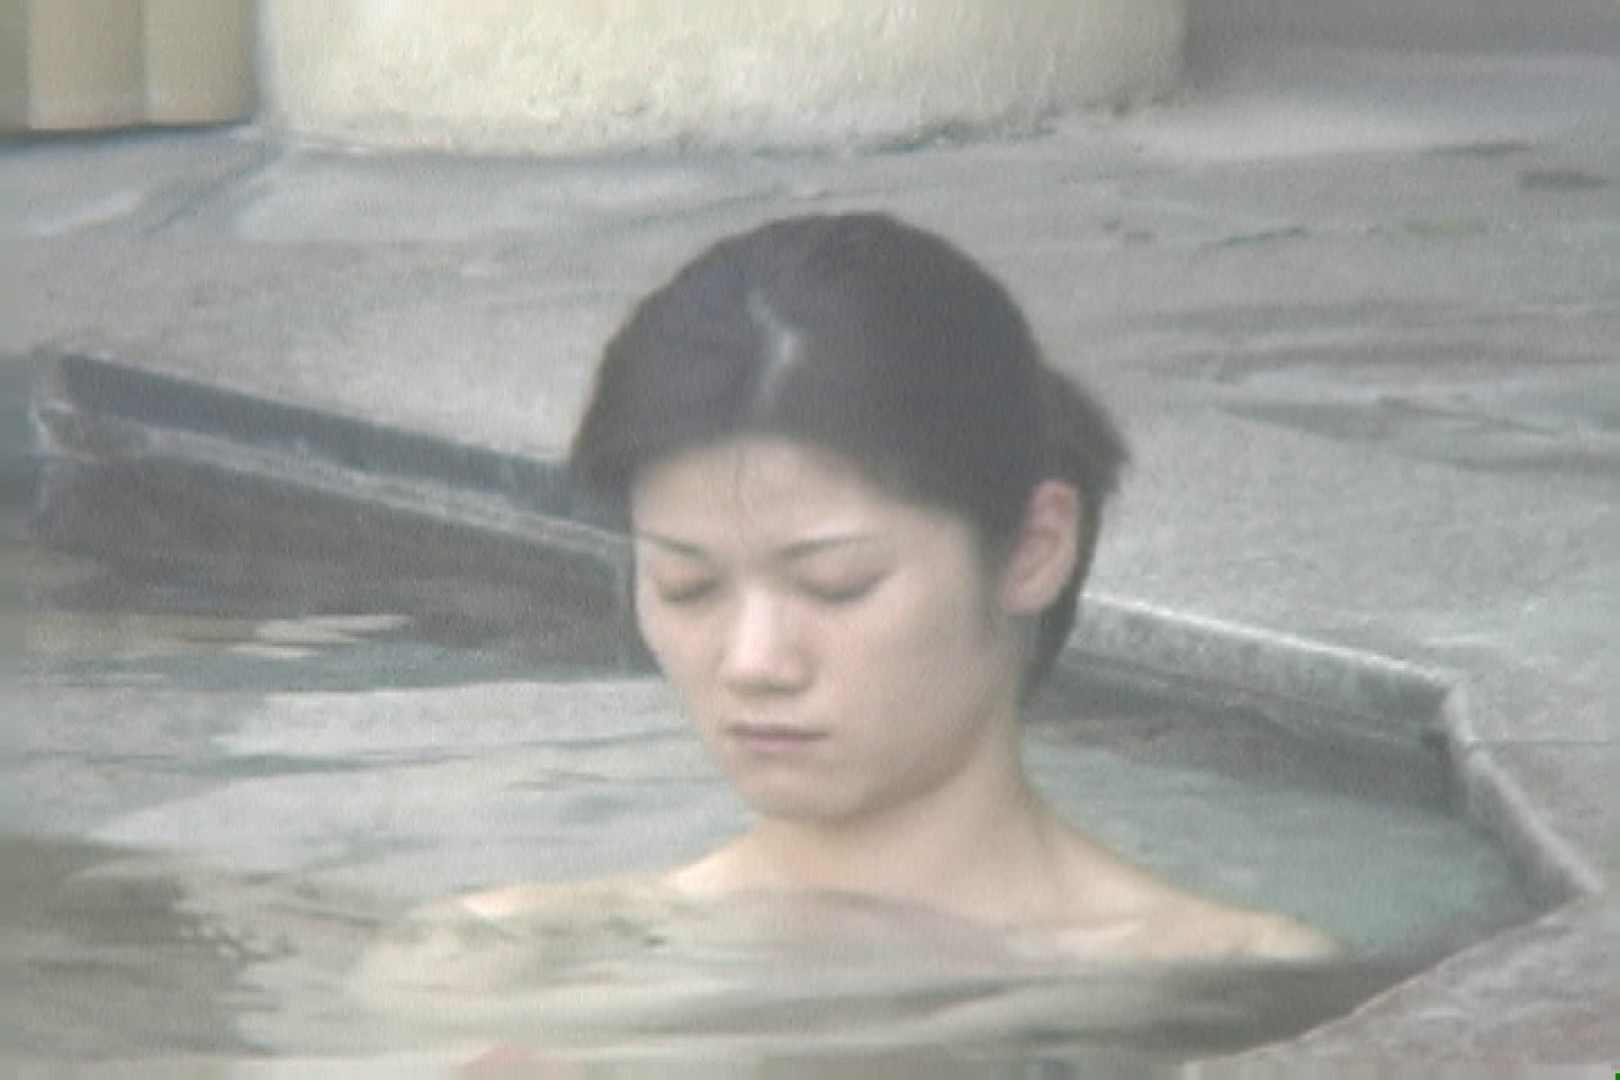 Aquaな露天風呂Vol.686 0  83pic 15